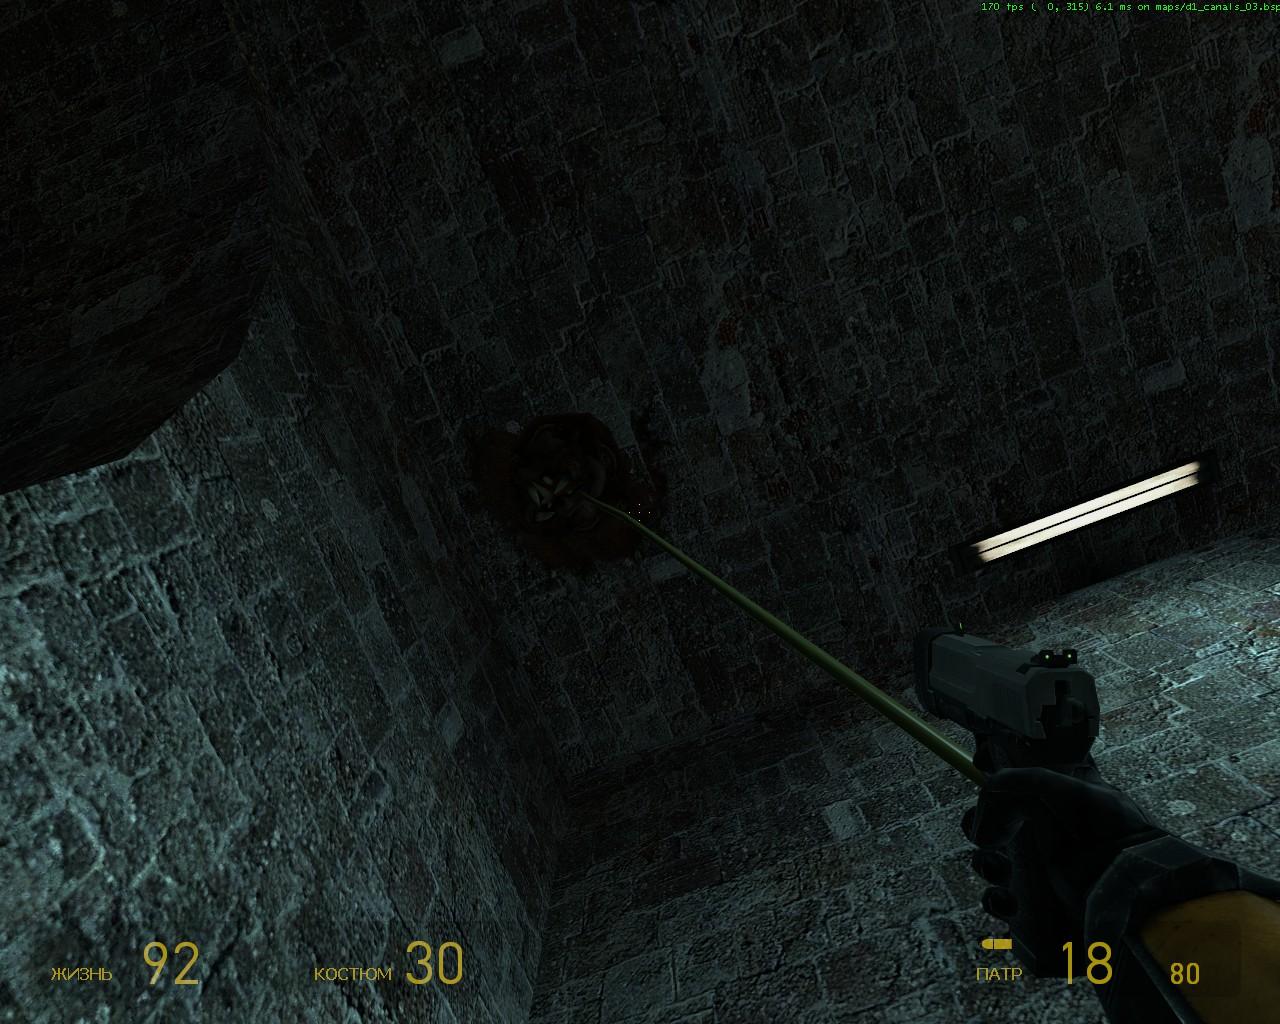 d1_canals_030010.jpg - Half-Life 2